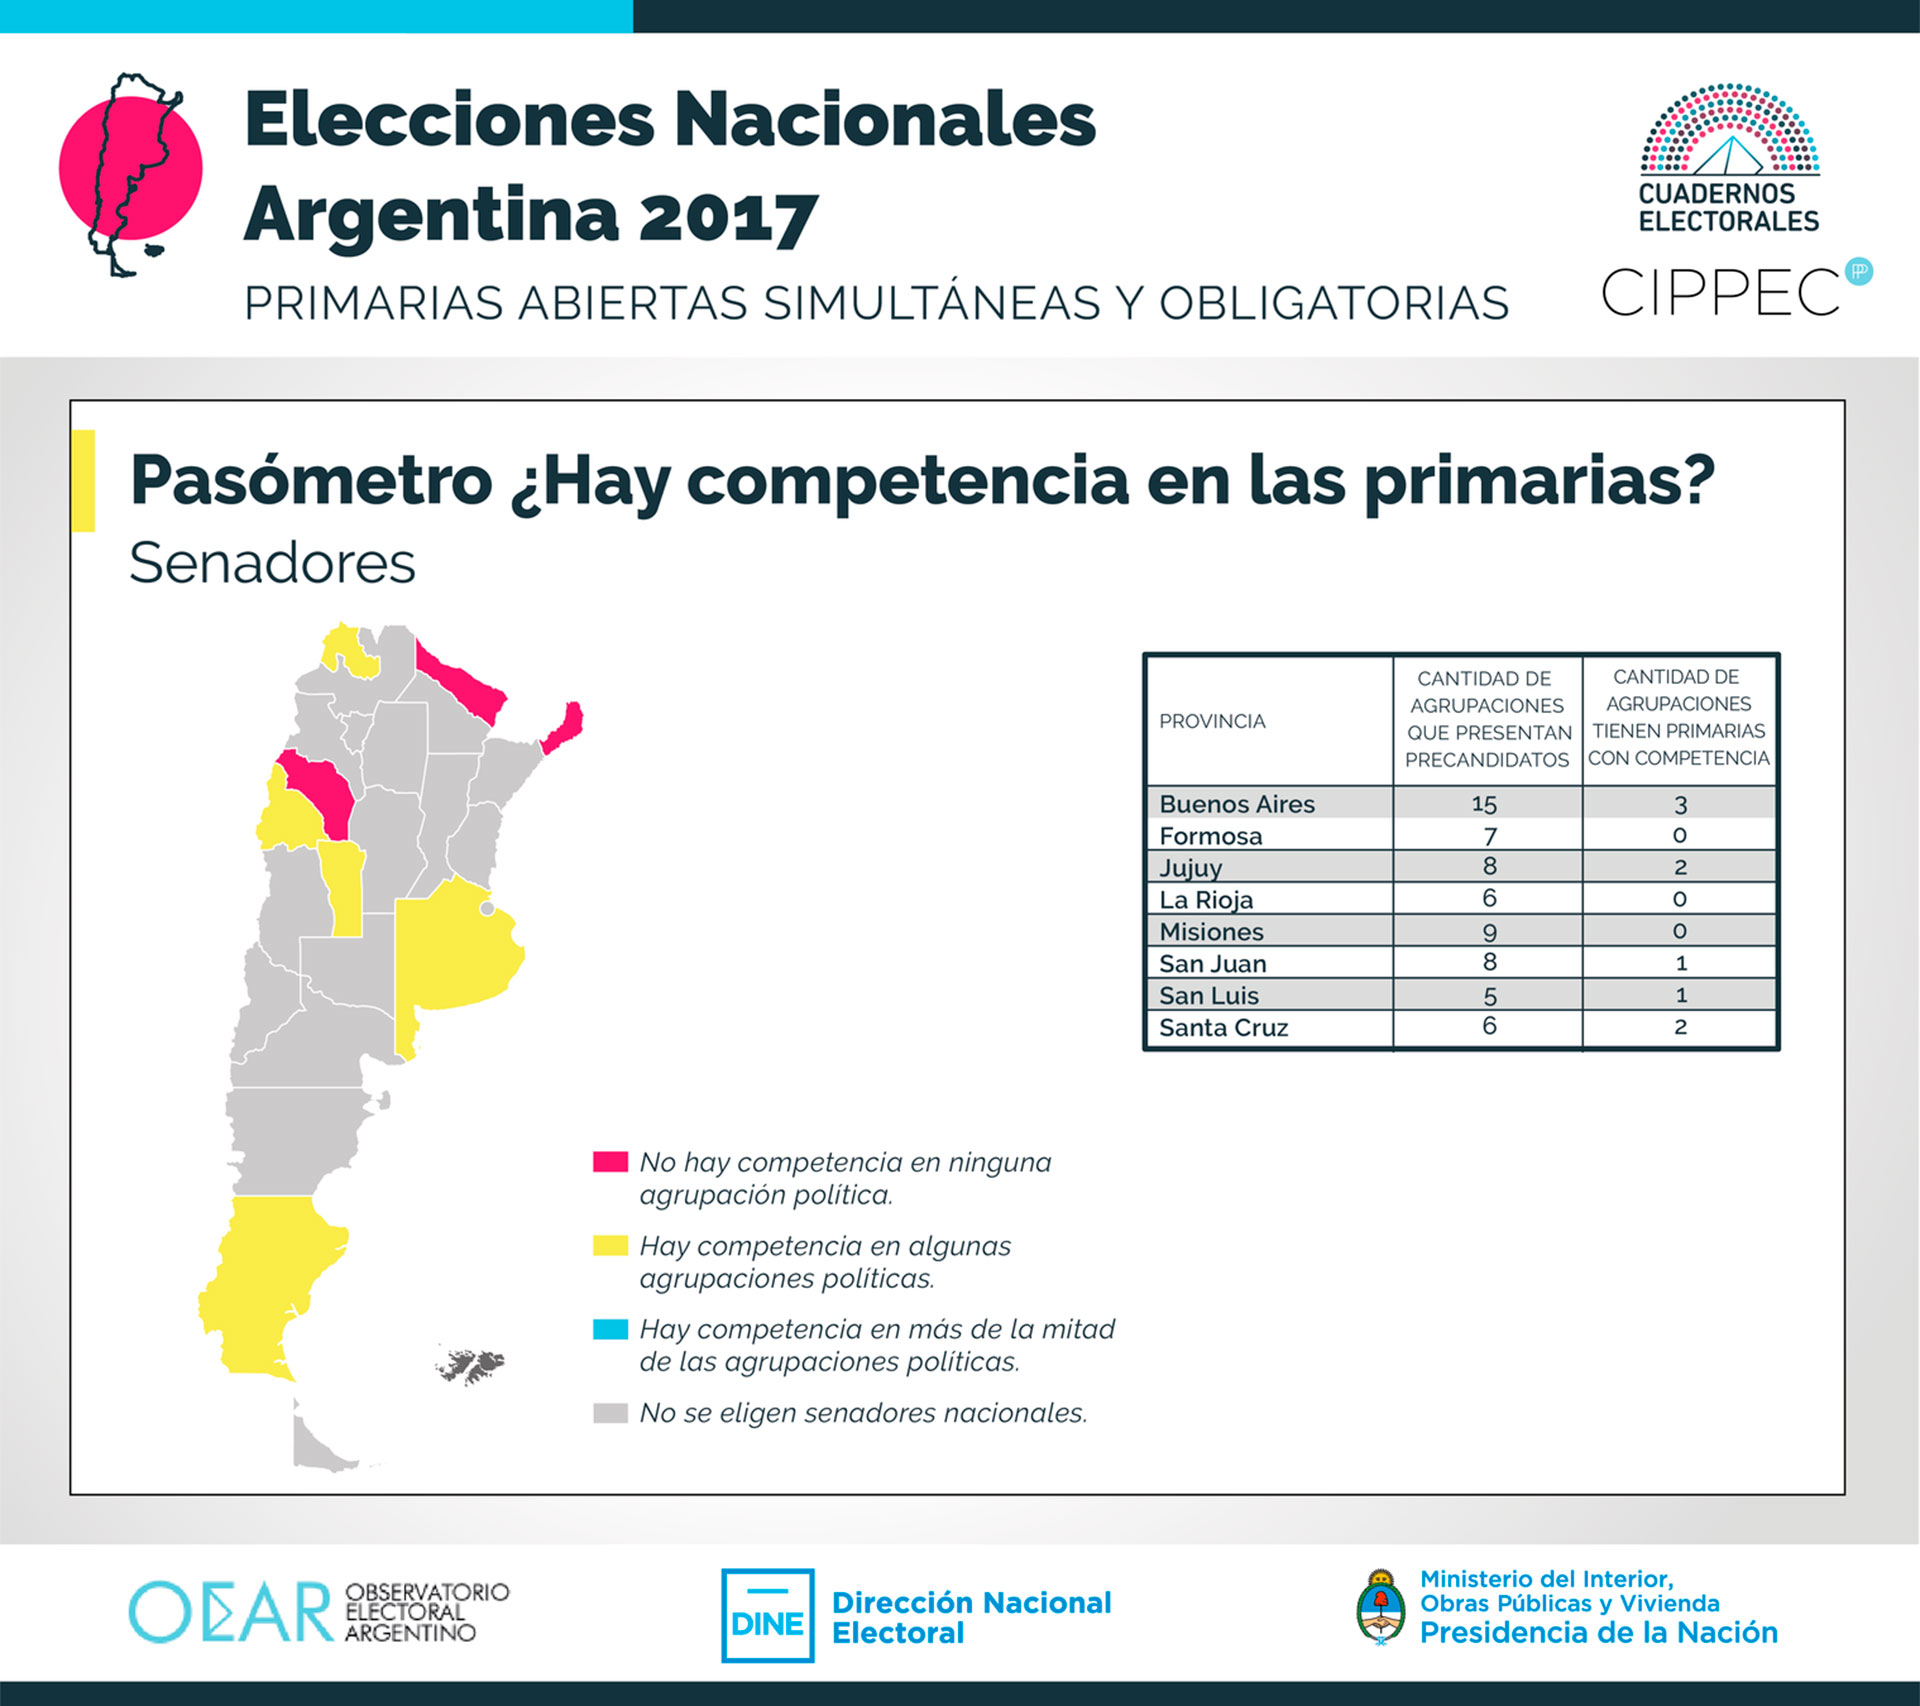 Informe elaborado por Cippec.